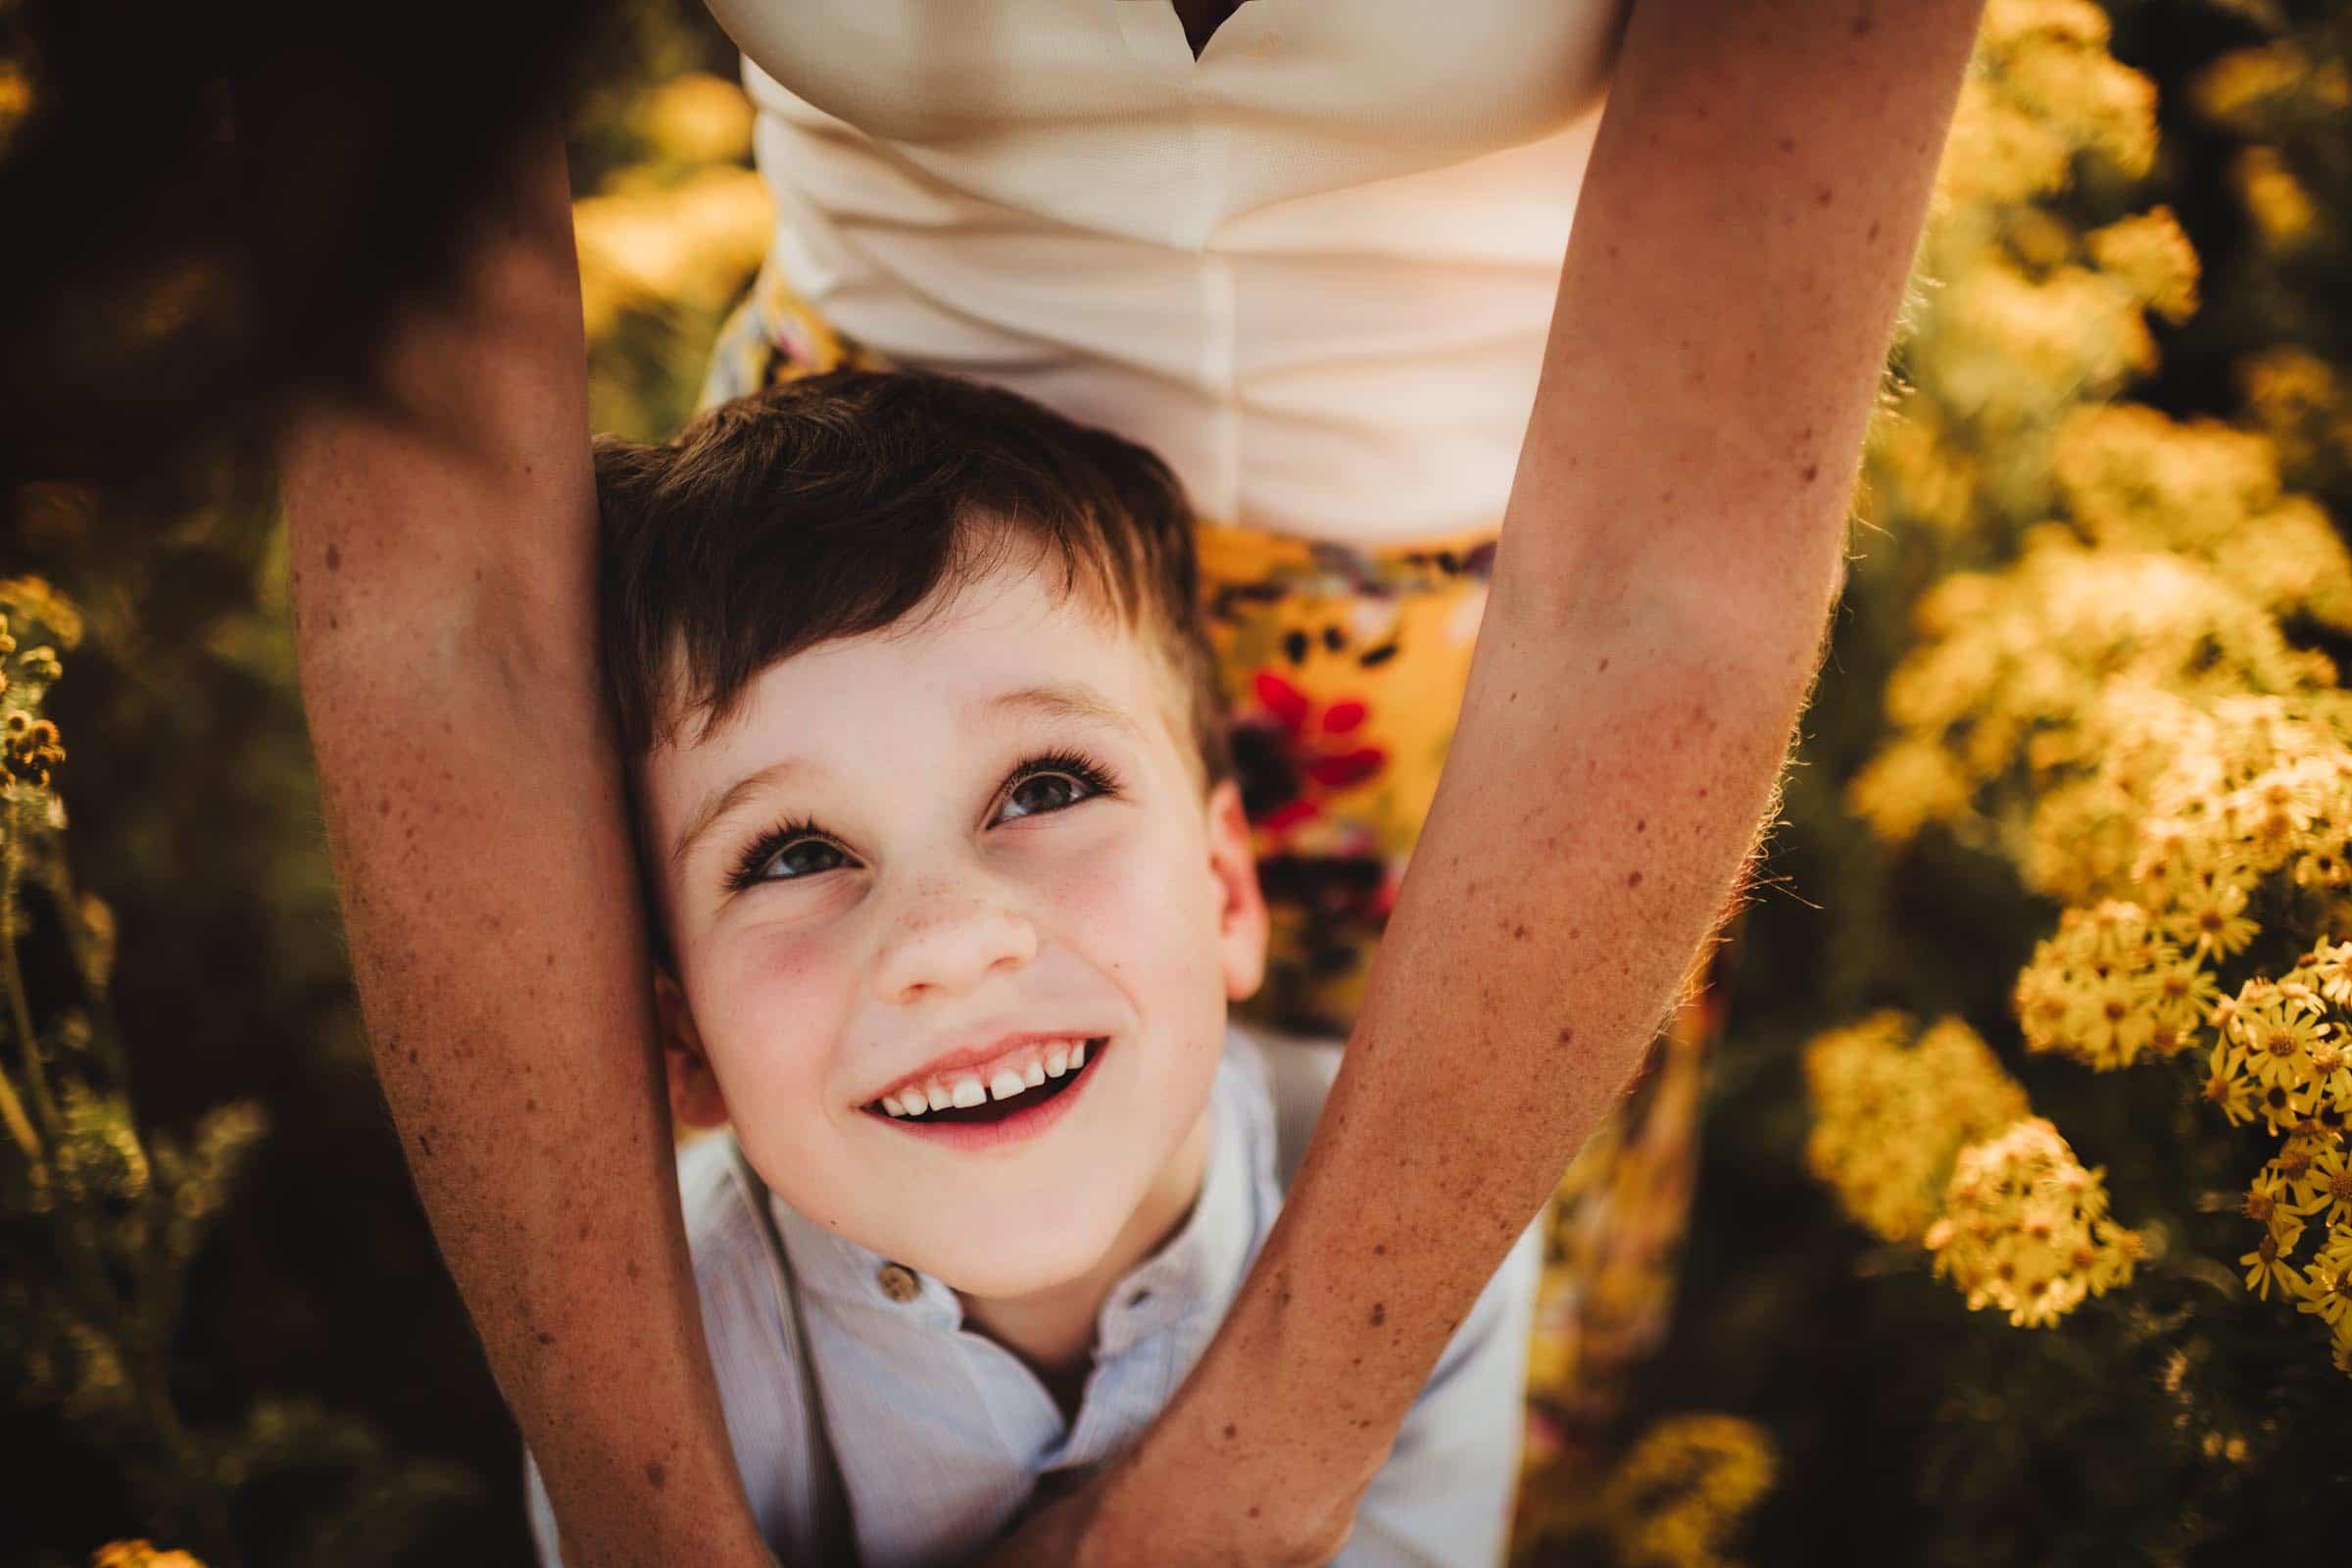 Boy Looking Up at Mom